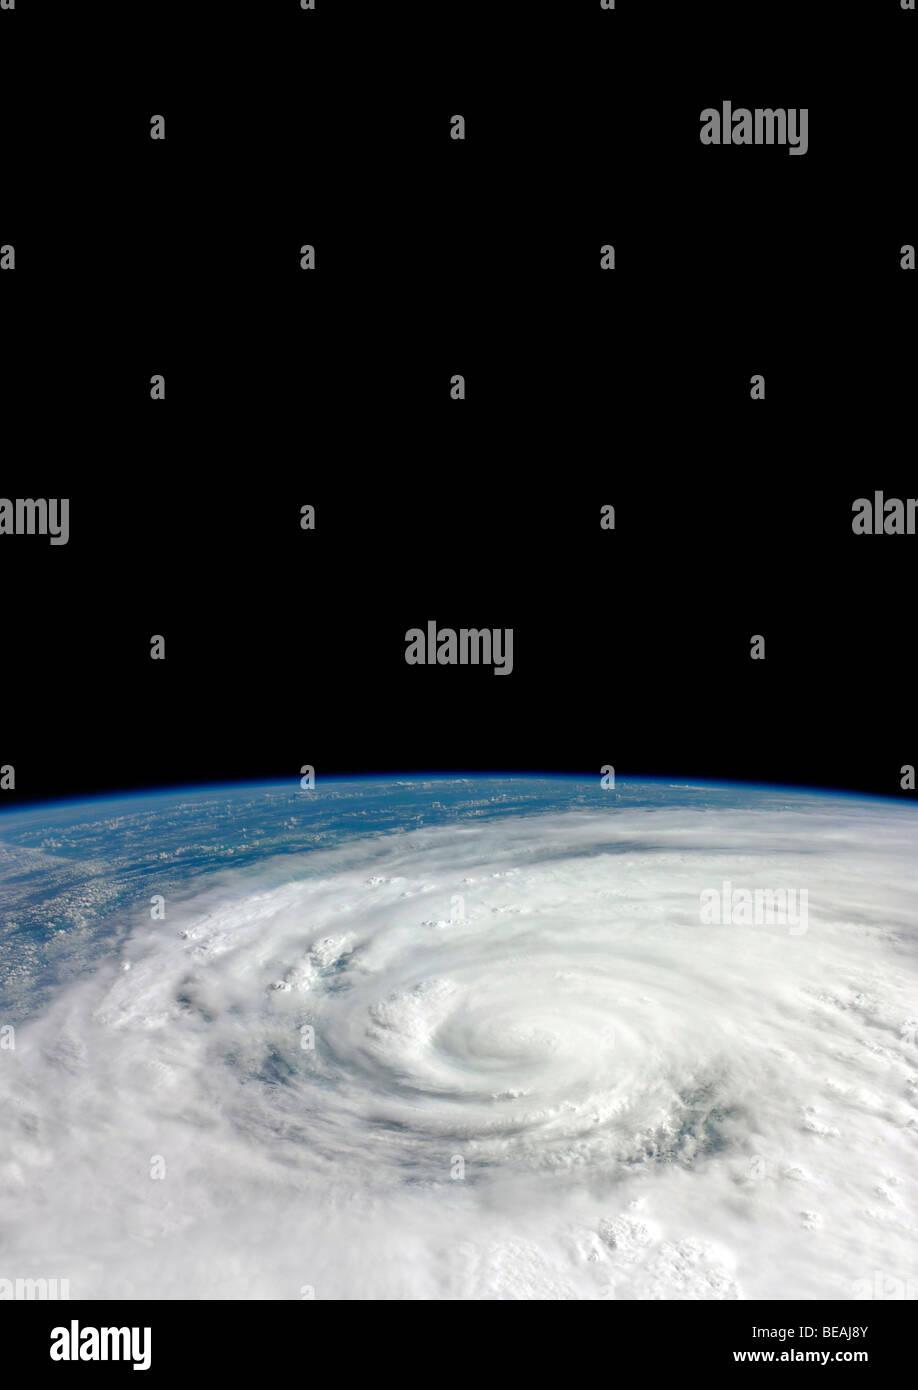 Die internationale Raumstation ISS mit Erde und Atmosphäre jenseits. Optimierte Version von ein Originalbild Stockbild